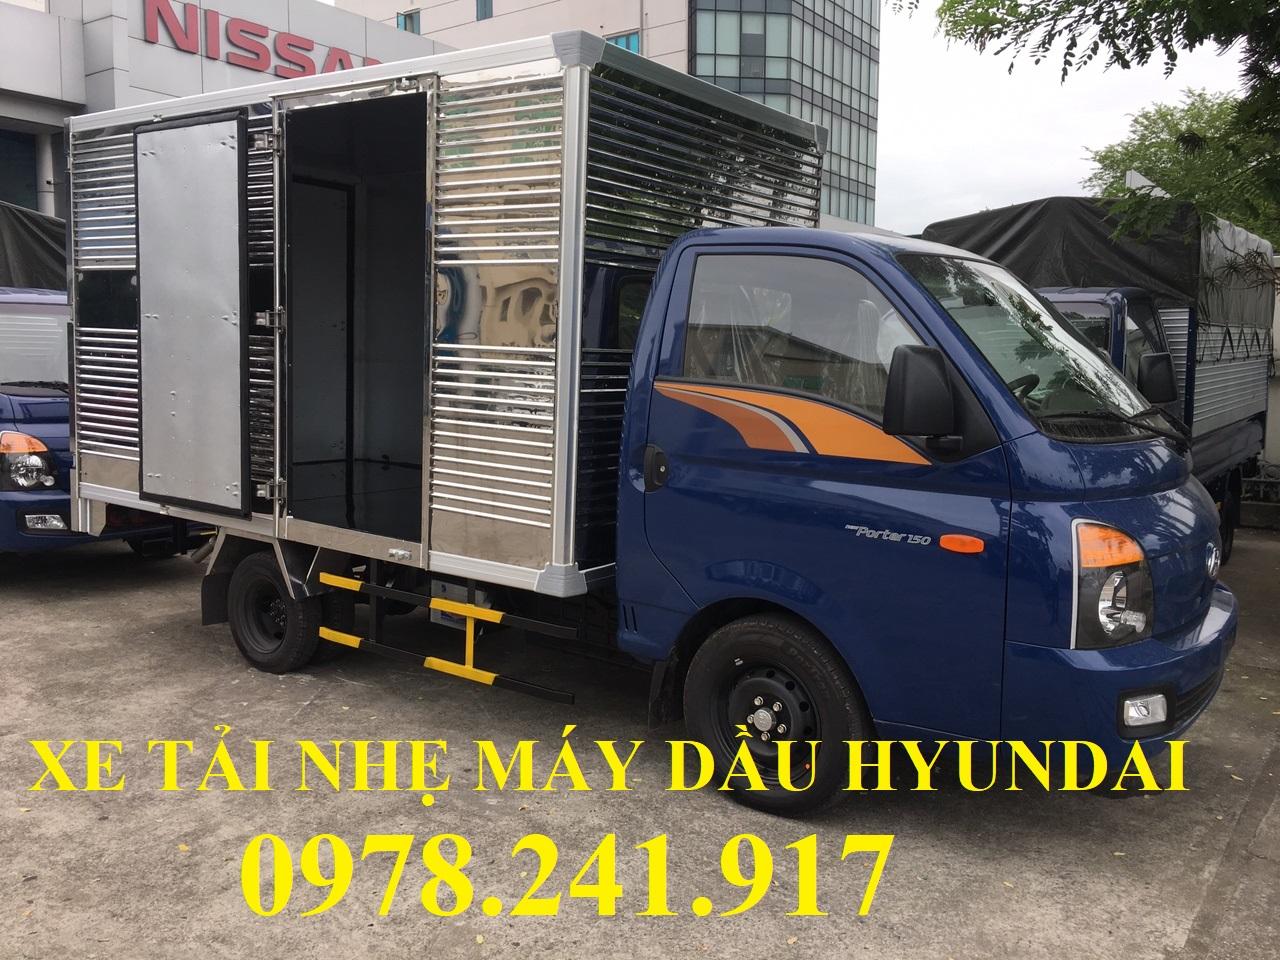 xe tải nhẹ máy dầu hyundai